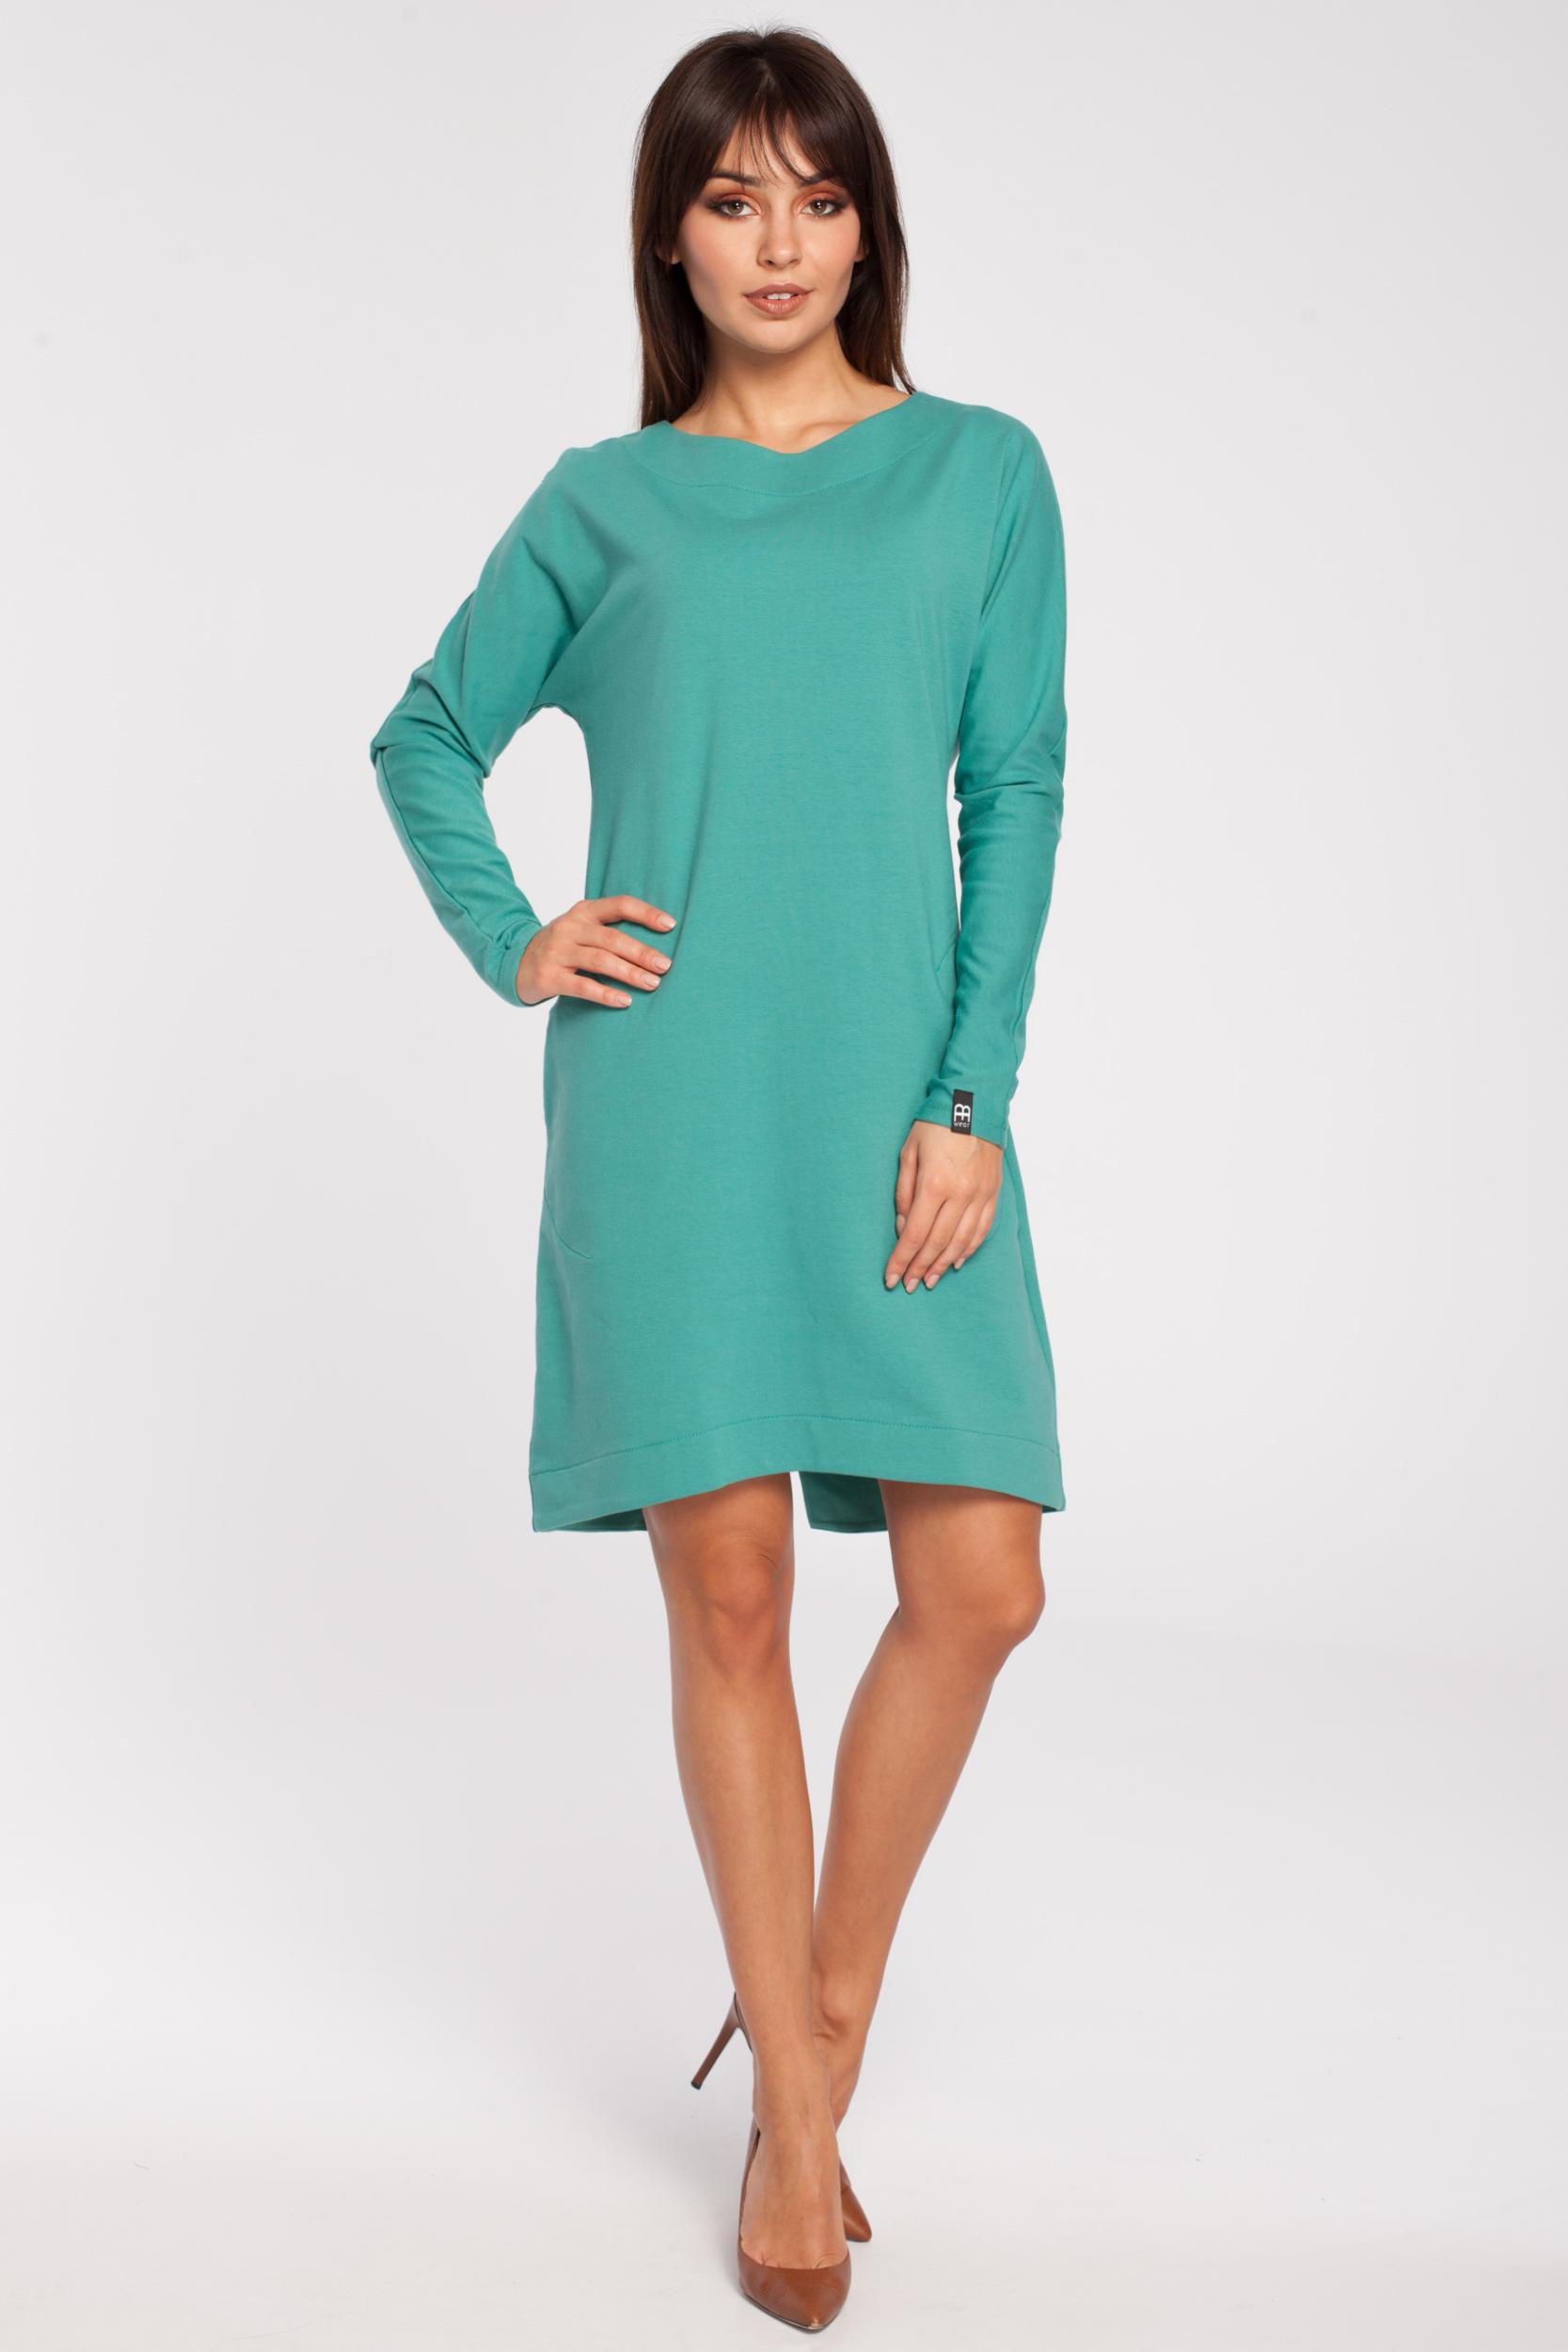 b6df93fd11 CM2791 Trapezowa sukienka z długim rękawem - zielona ...